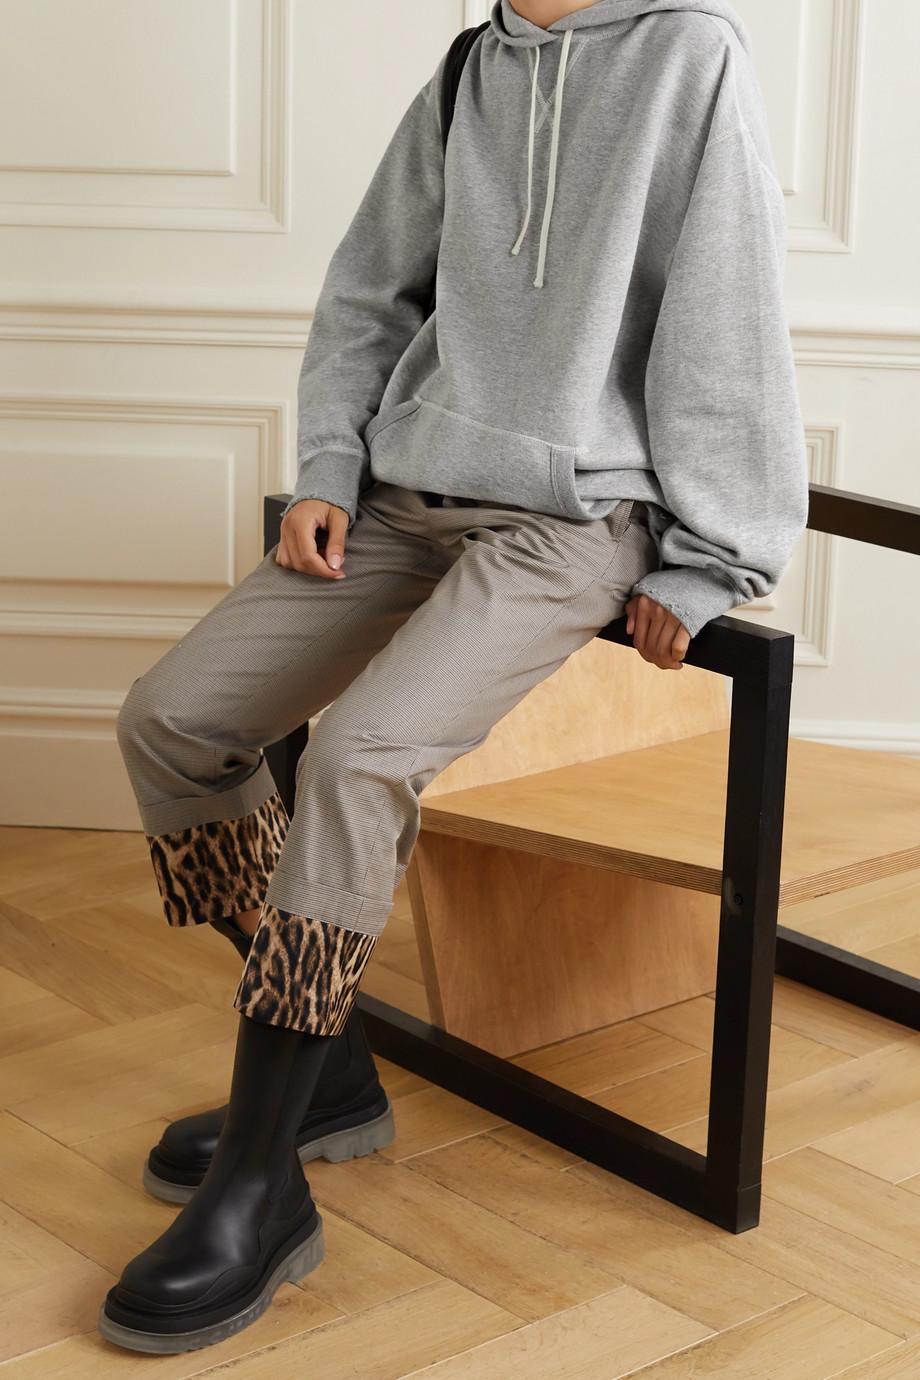 R13 Vintage Oversized-Hoodie aus Baumwoll-Jersey in Distressed-Optik